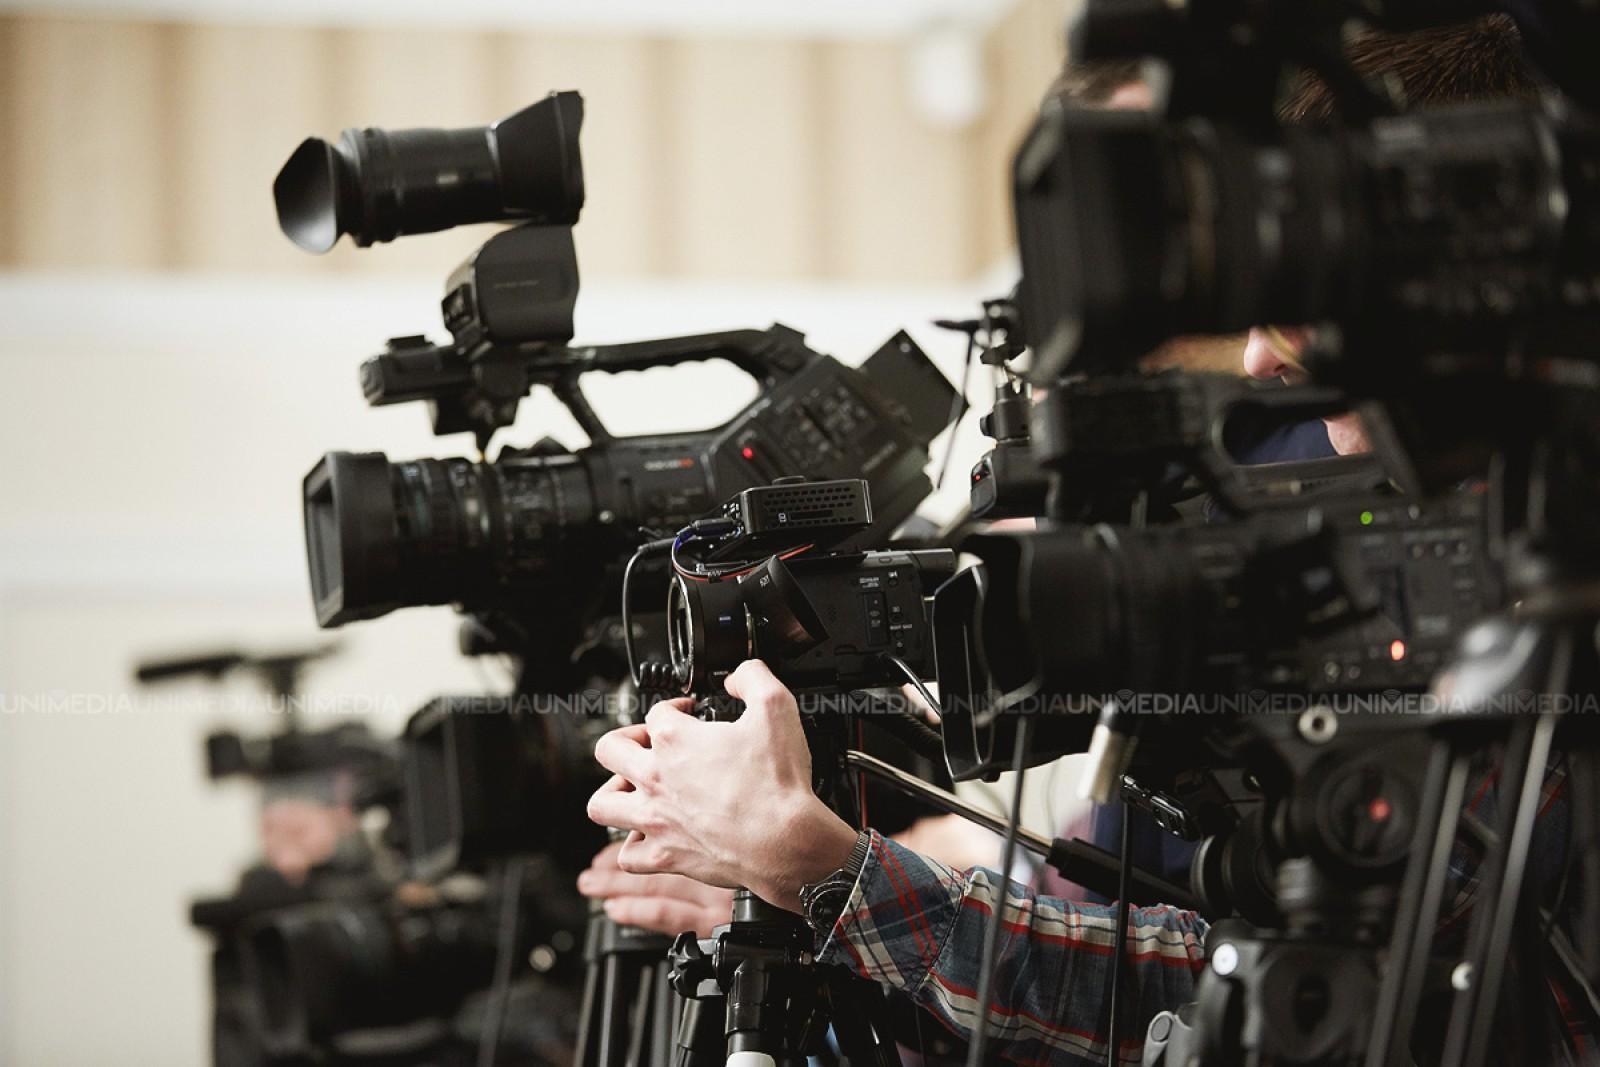 Înscenarea asasinării jurnalistului Arkadi Babcenko. Federaţia Internaţională a Jurnaliştilor reacţionează vehement